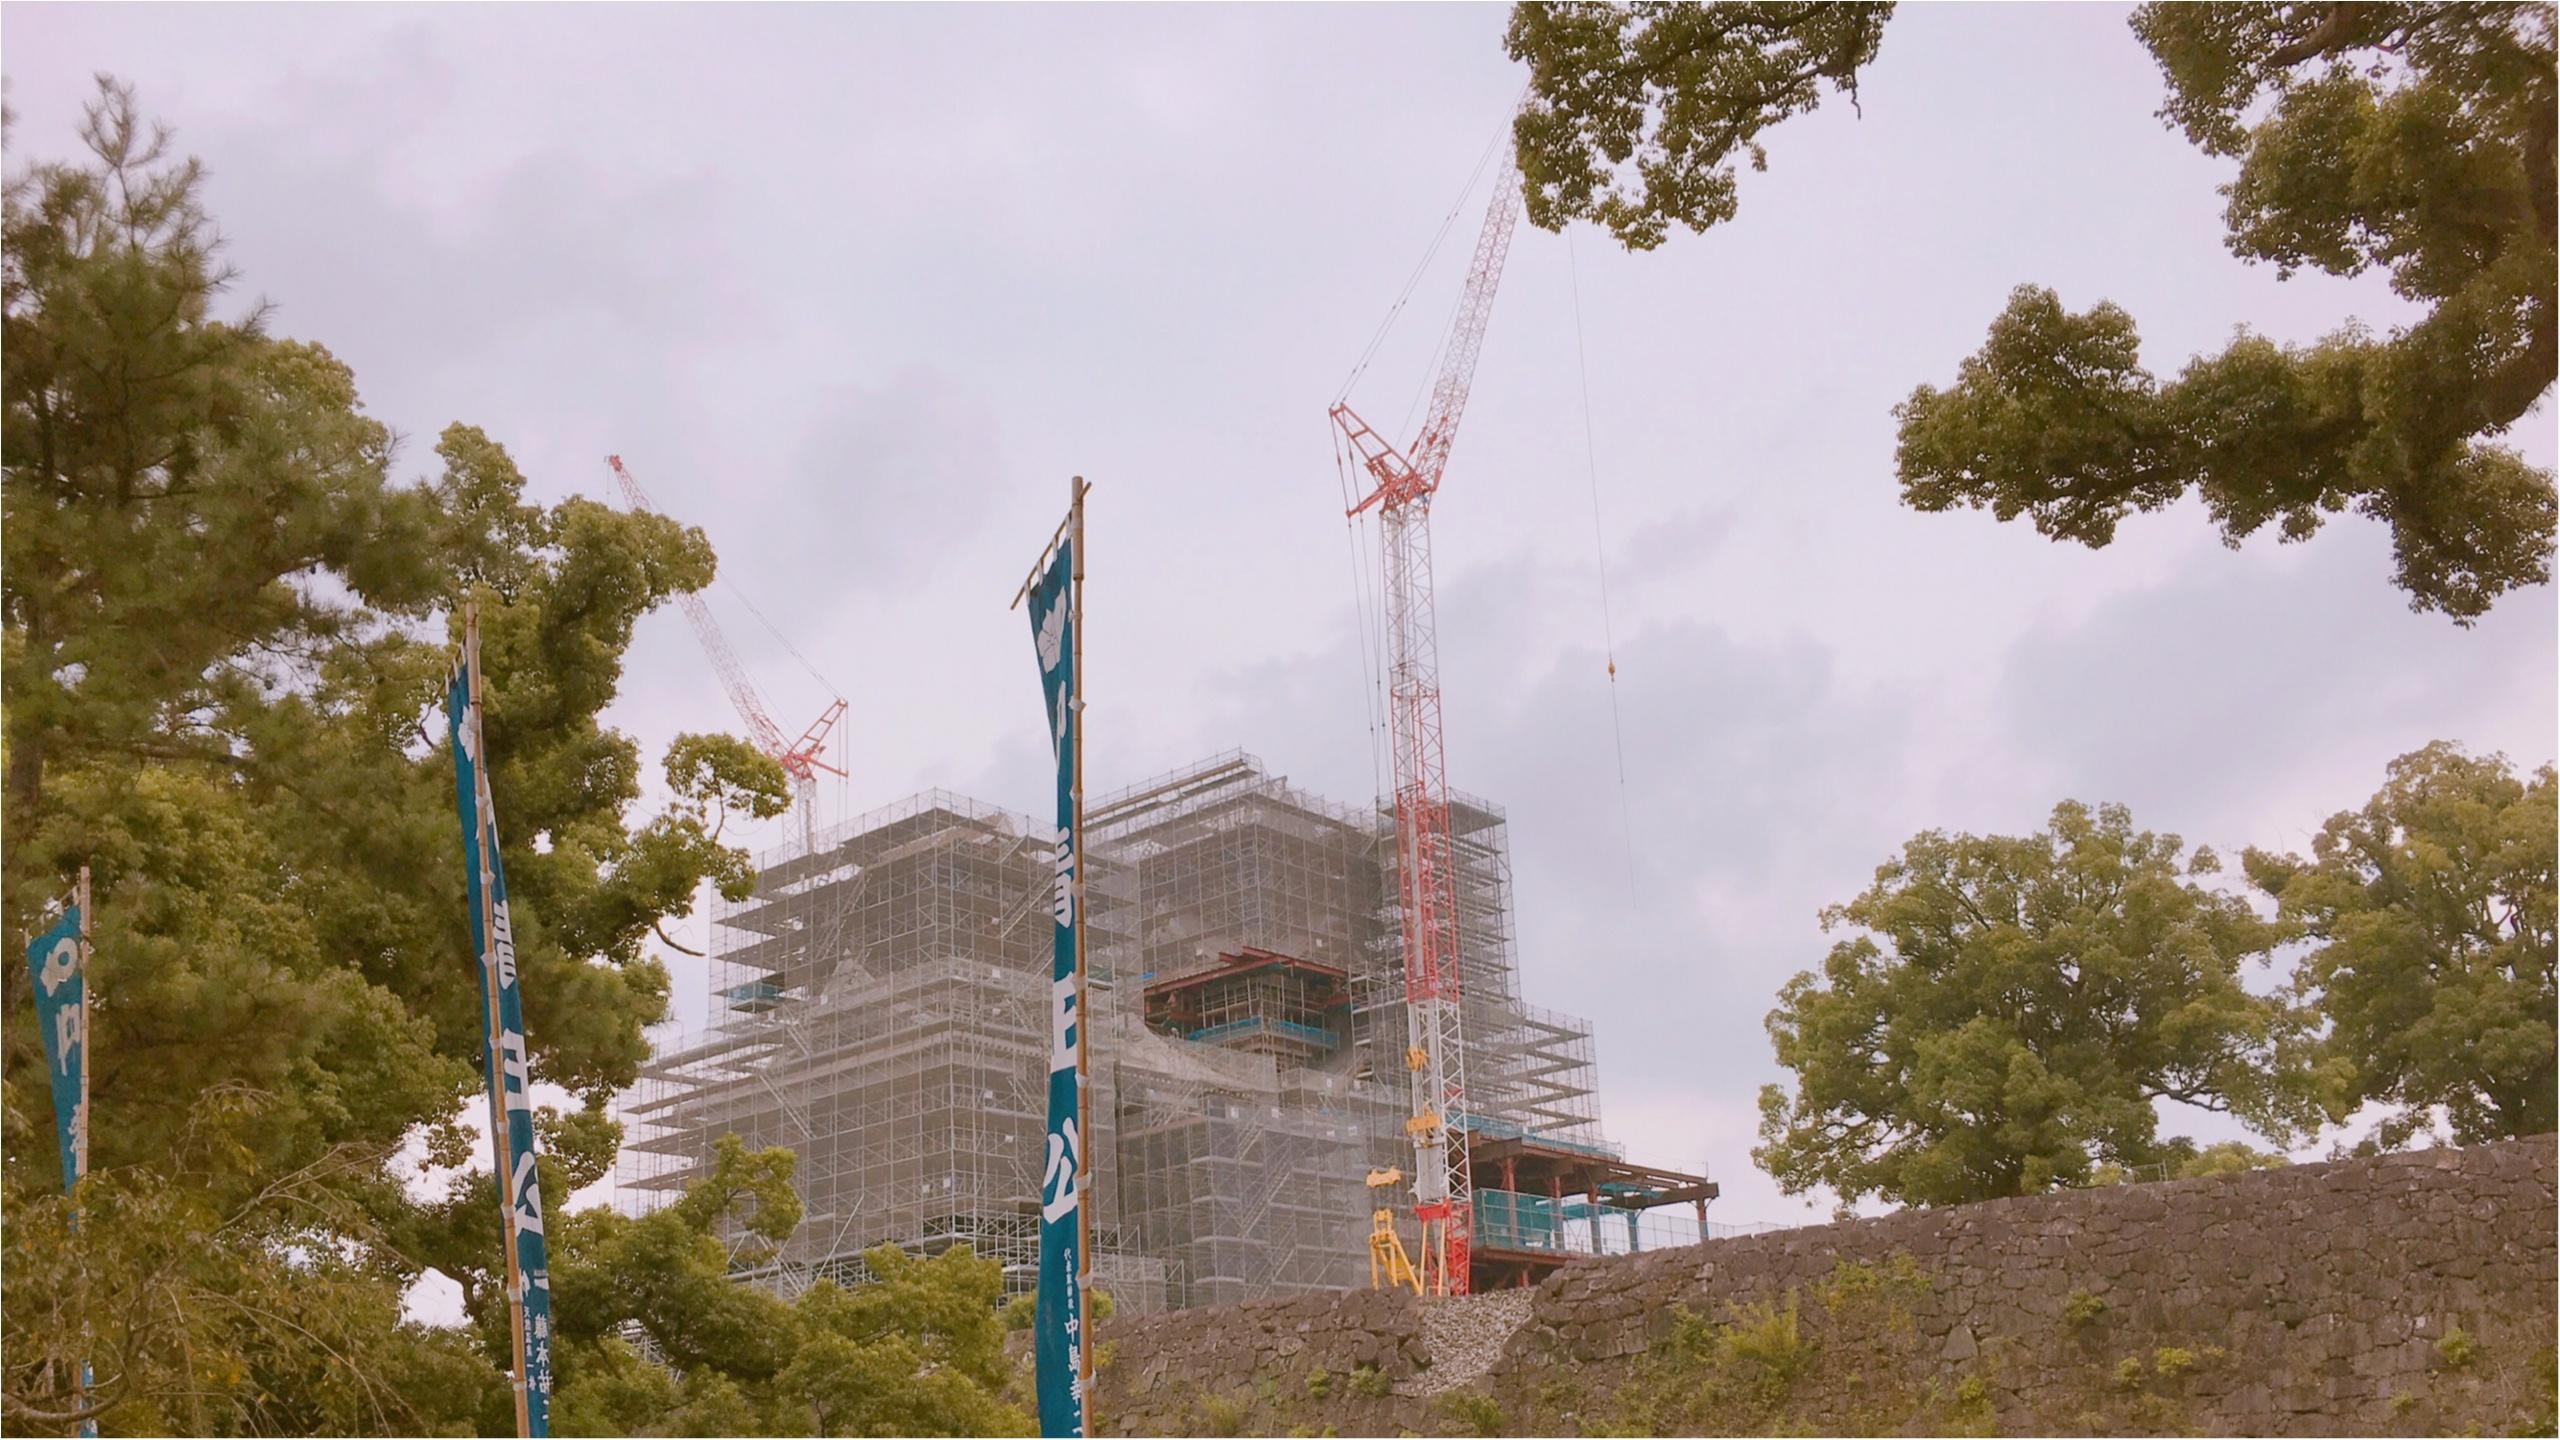 【動画で紹介!】最後の更新です!熊本城の動画を添えて。本当にありがとうございました!【#モアチャレ 熊本の魅力発信!】_2